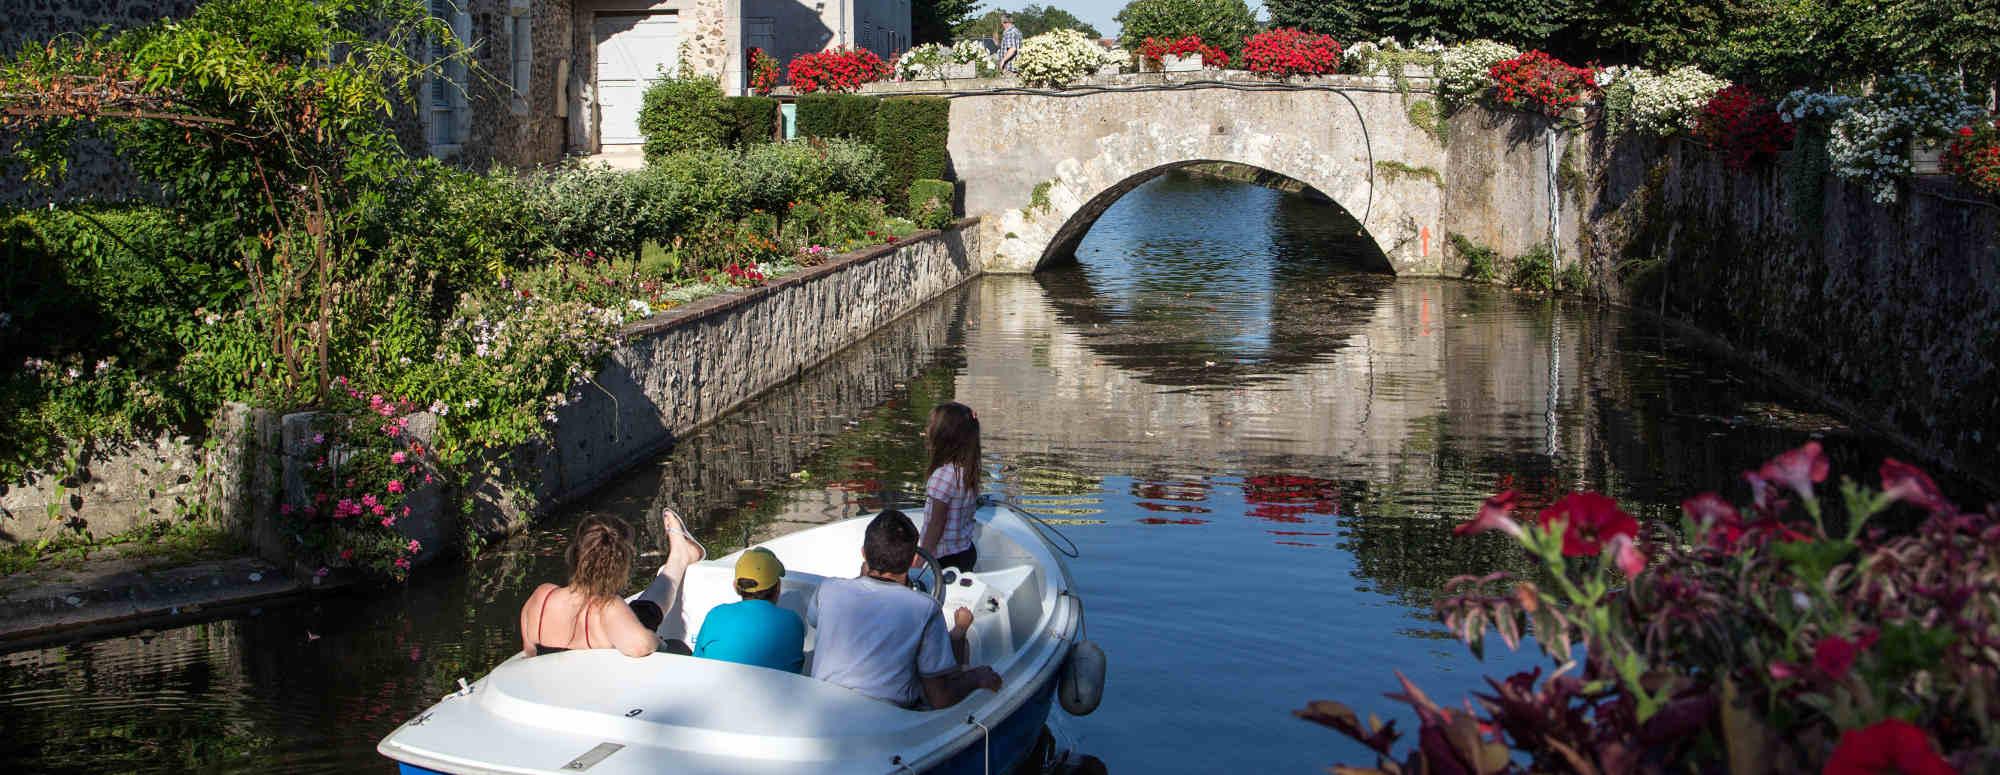 Barque Bonneval hôtel 3étoiles châteaudun Entre Beauce et Perche